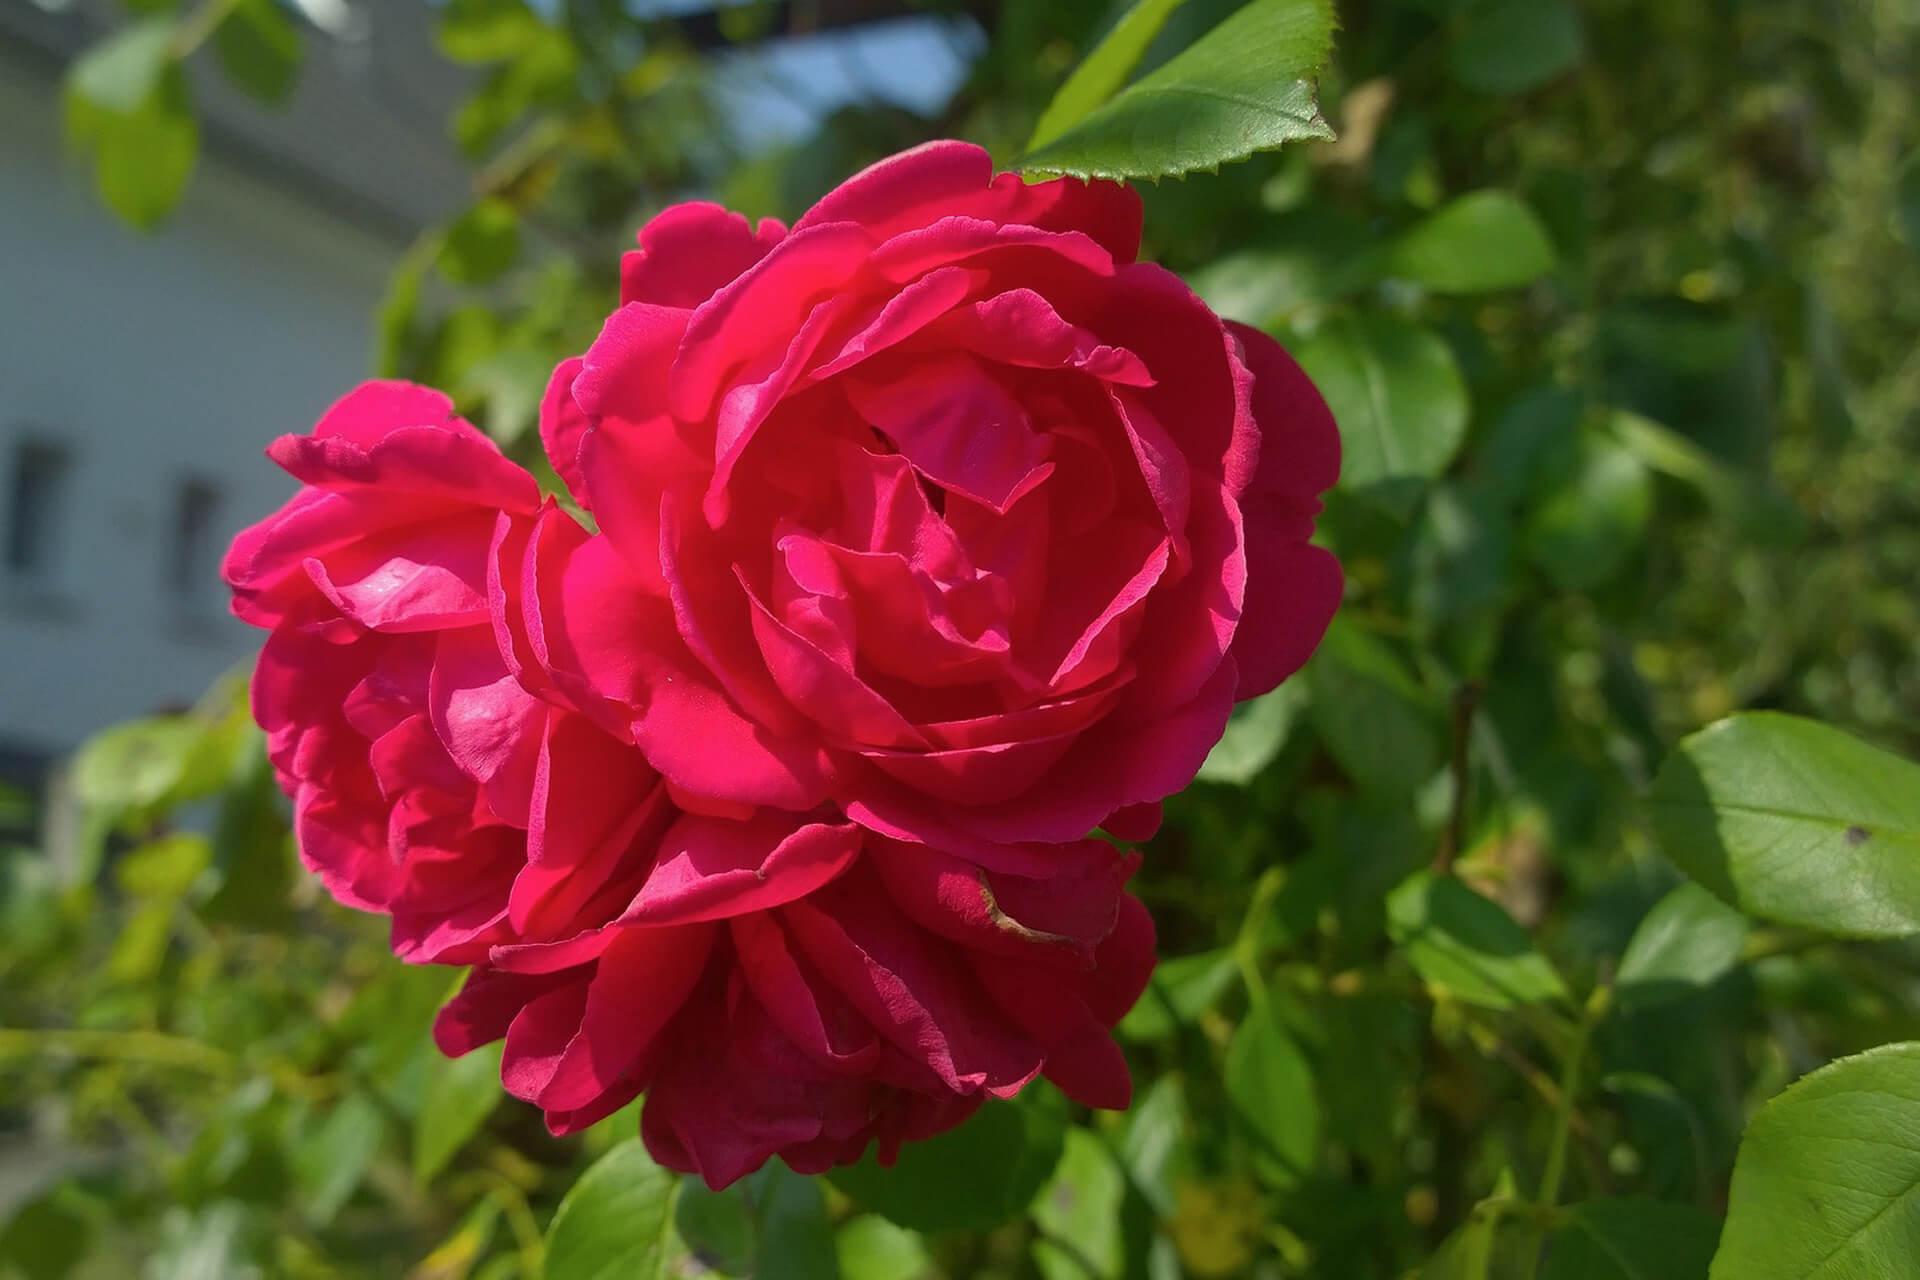 rose-886894_1920